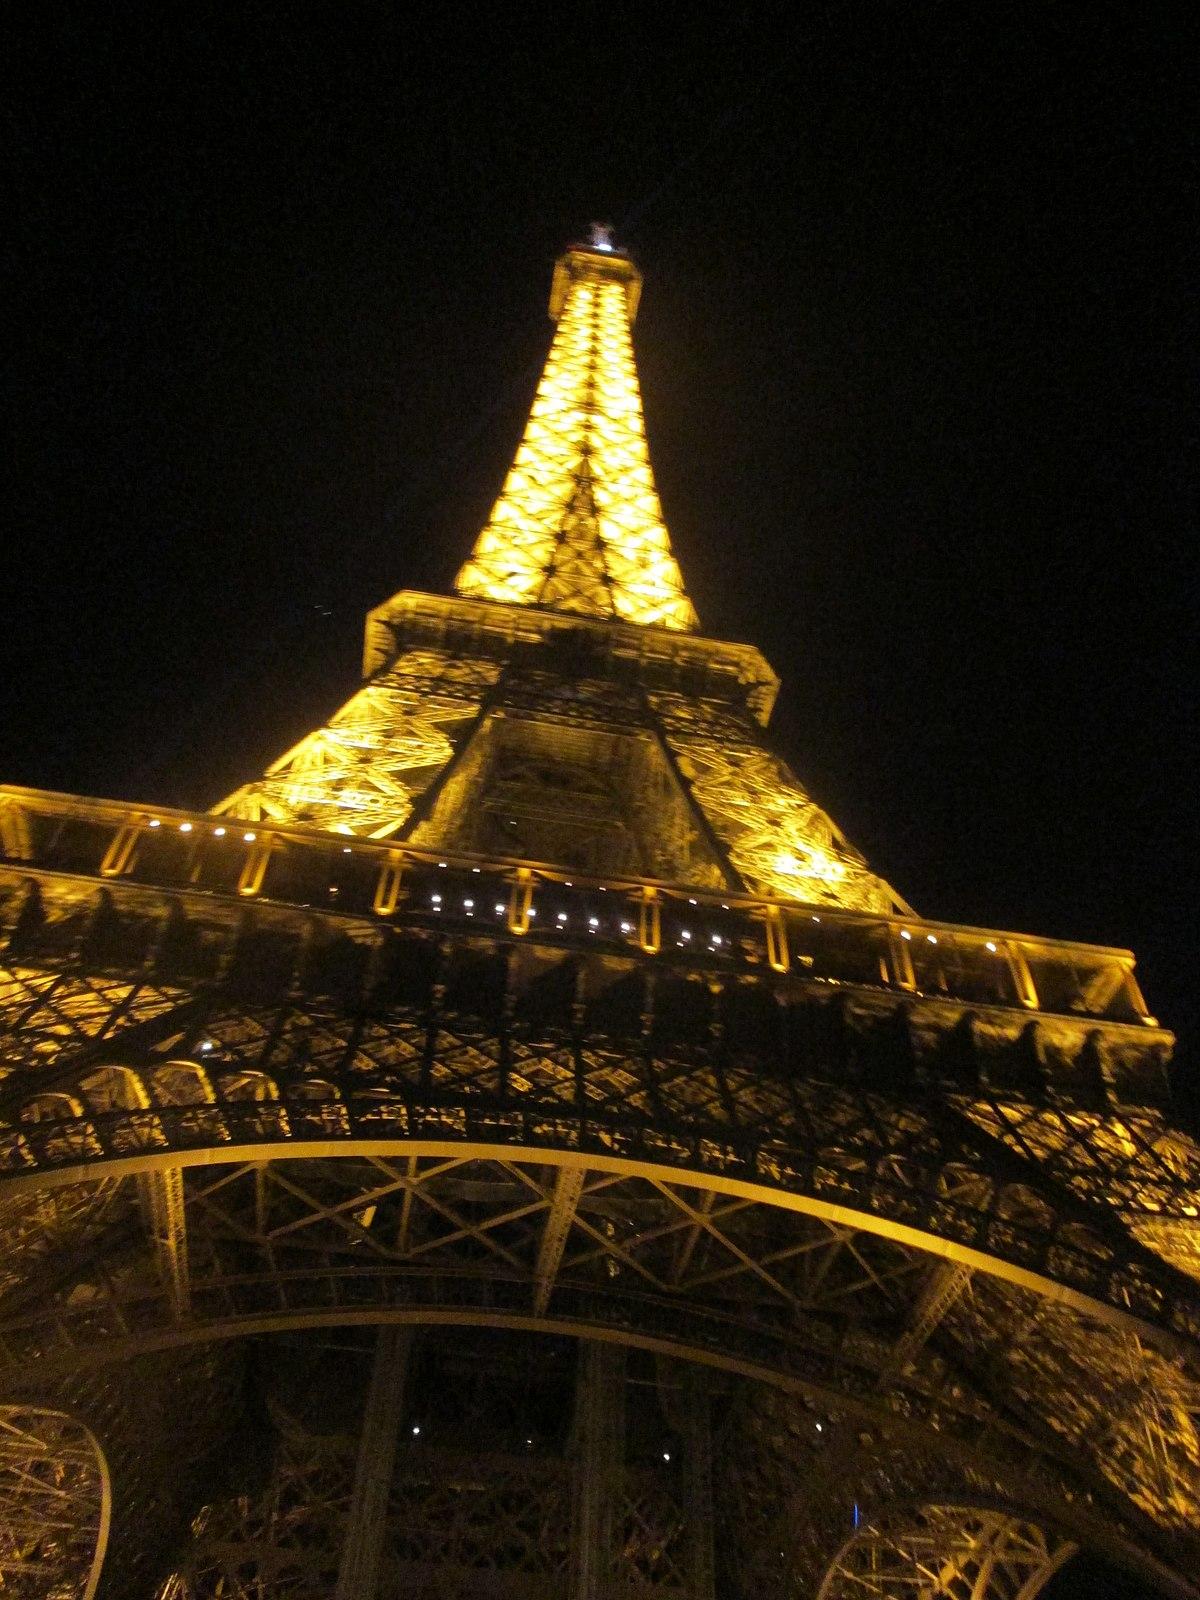 File:La Tour Eiffel de nuit Paris.JPG - Wikimedia Commons